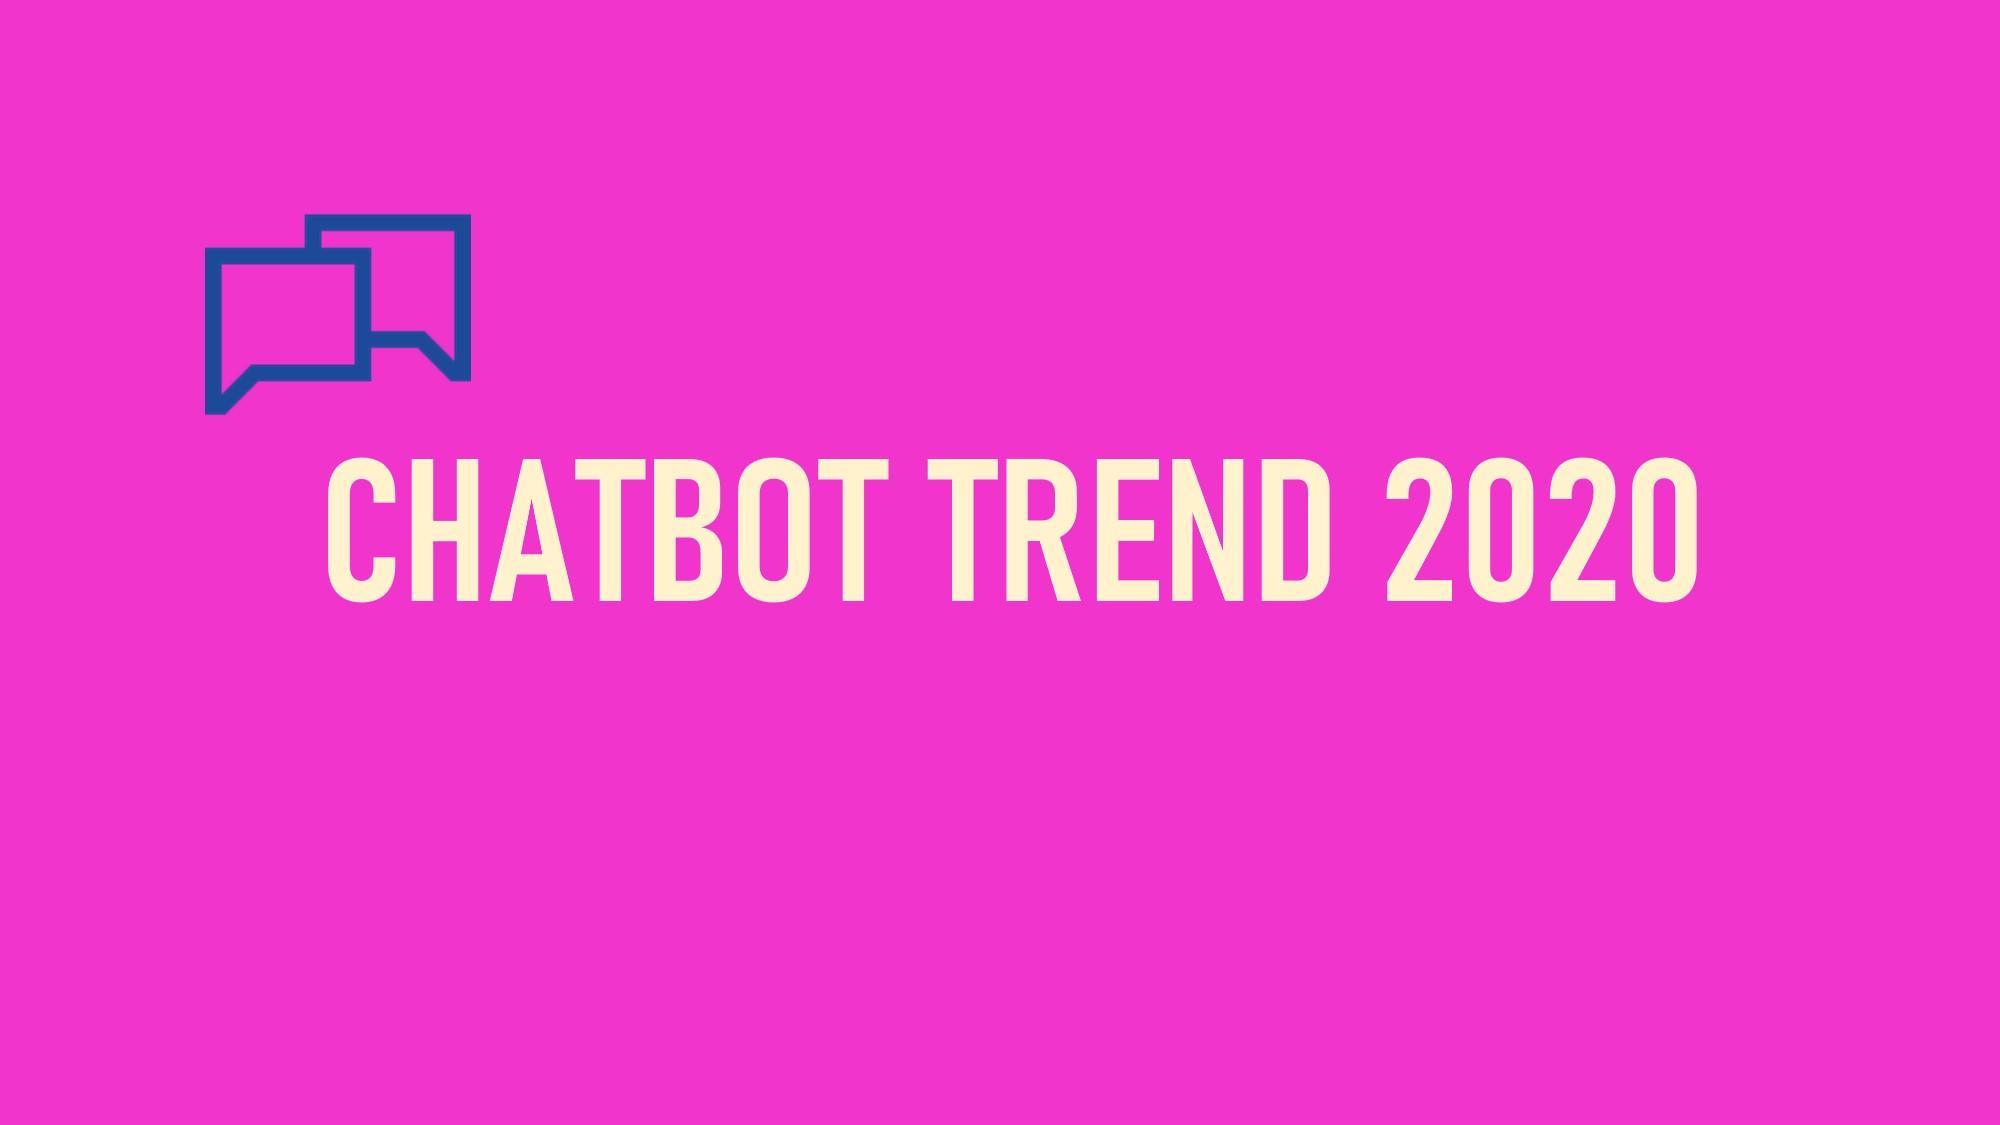 챗봇 트렌드 2020: 신규 구매 패턴 혹은 형태 등장 (언택트족/챗봇족 등장) / Chatbot Trend 2020: New Buying Pattern(UnTact/Chatbot Consumer)